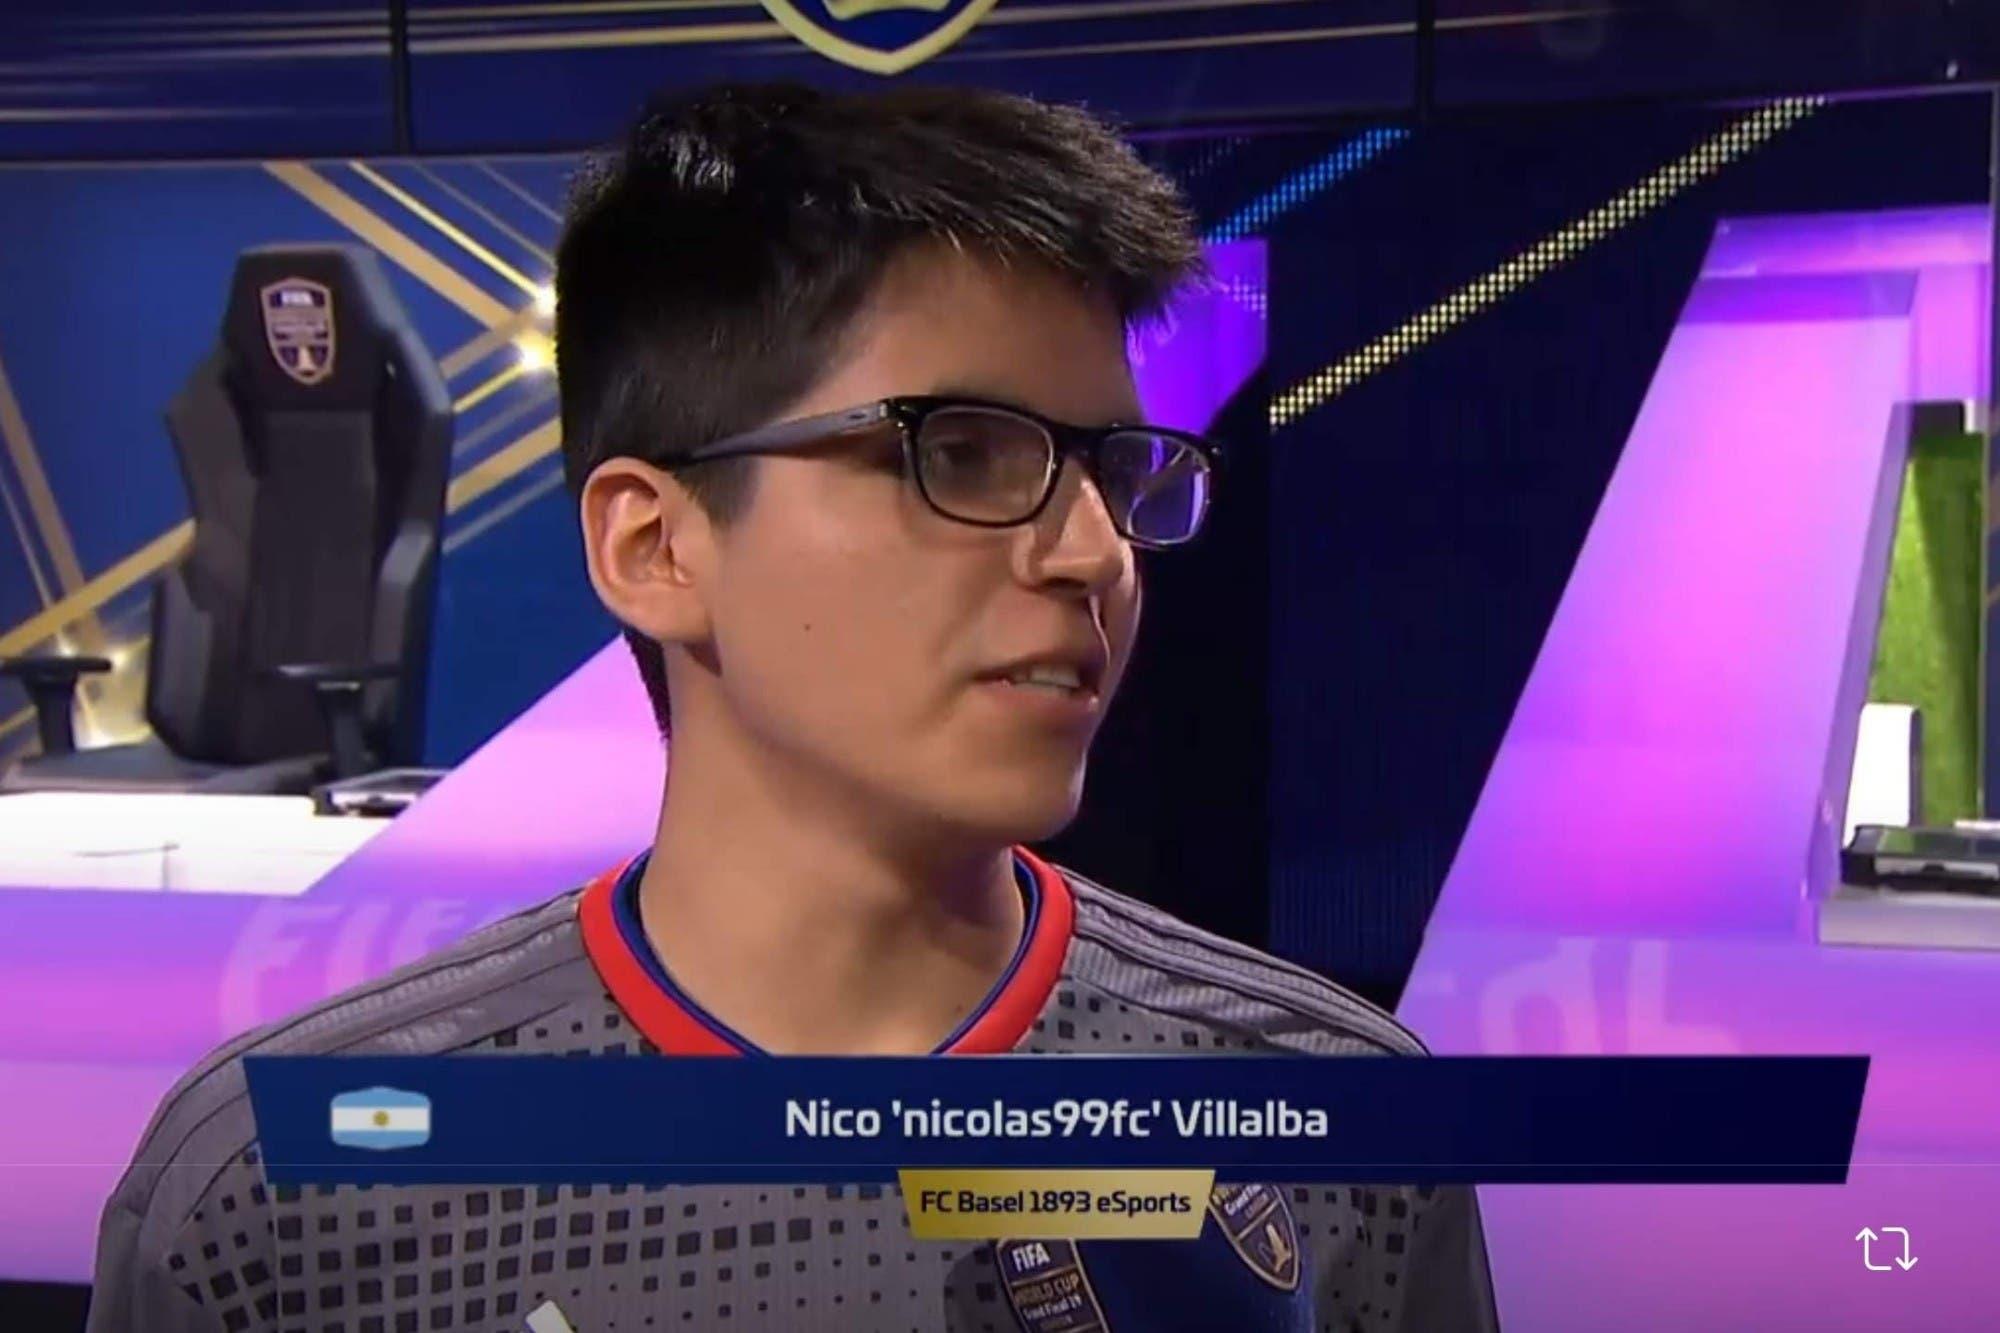 No pudo ser: Nicolás Villalba cayó en la semifinal del Mundial de FIFA 19